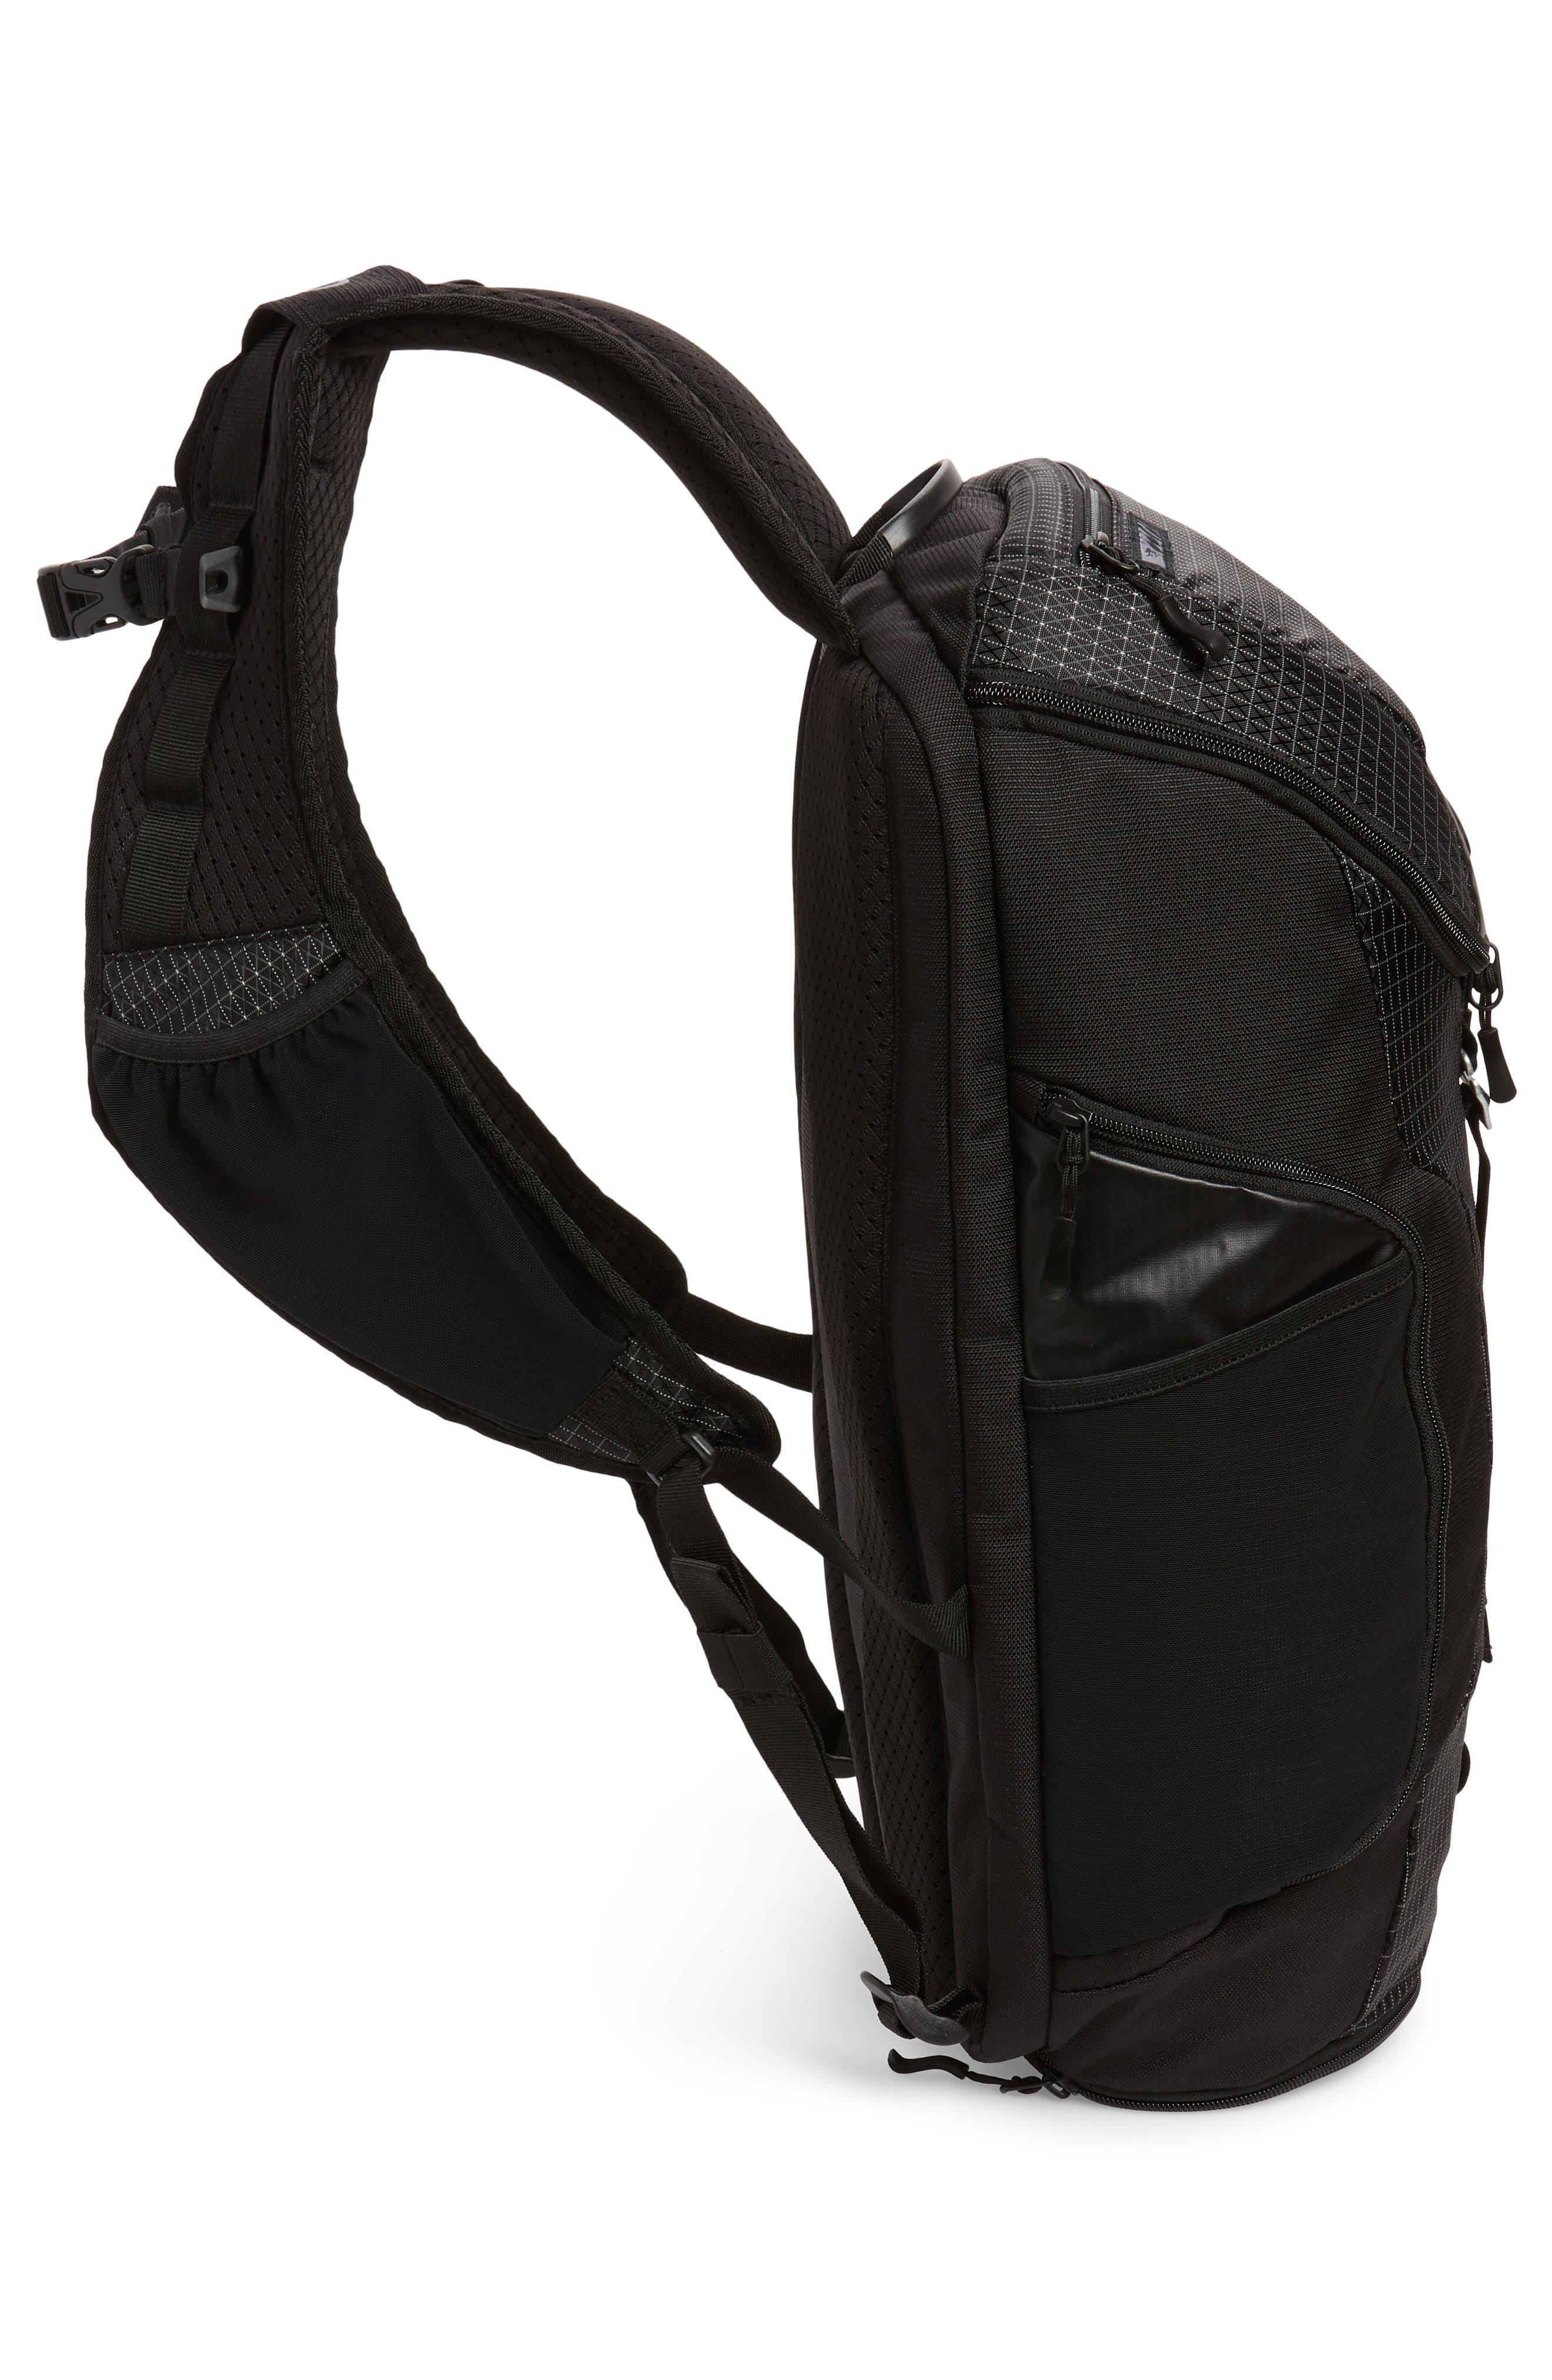 OAKLEY,                             Link Backpack,                             Alternate thumbnail 5, color,                             BLACKOUT